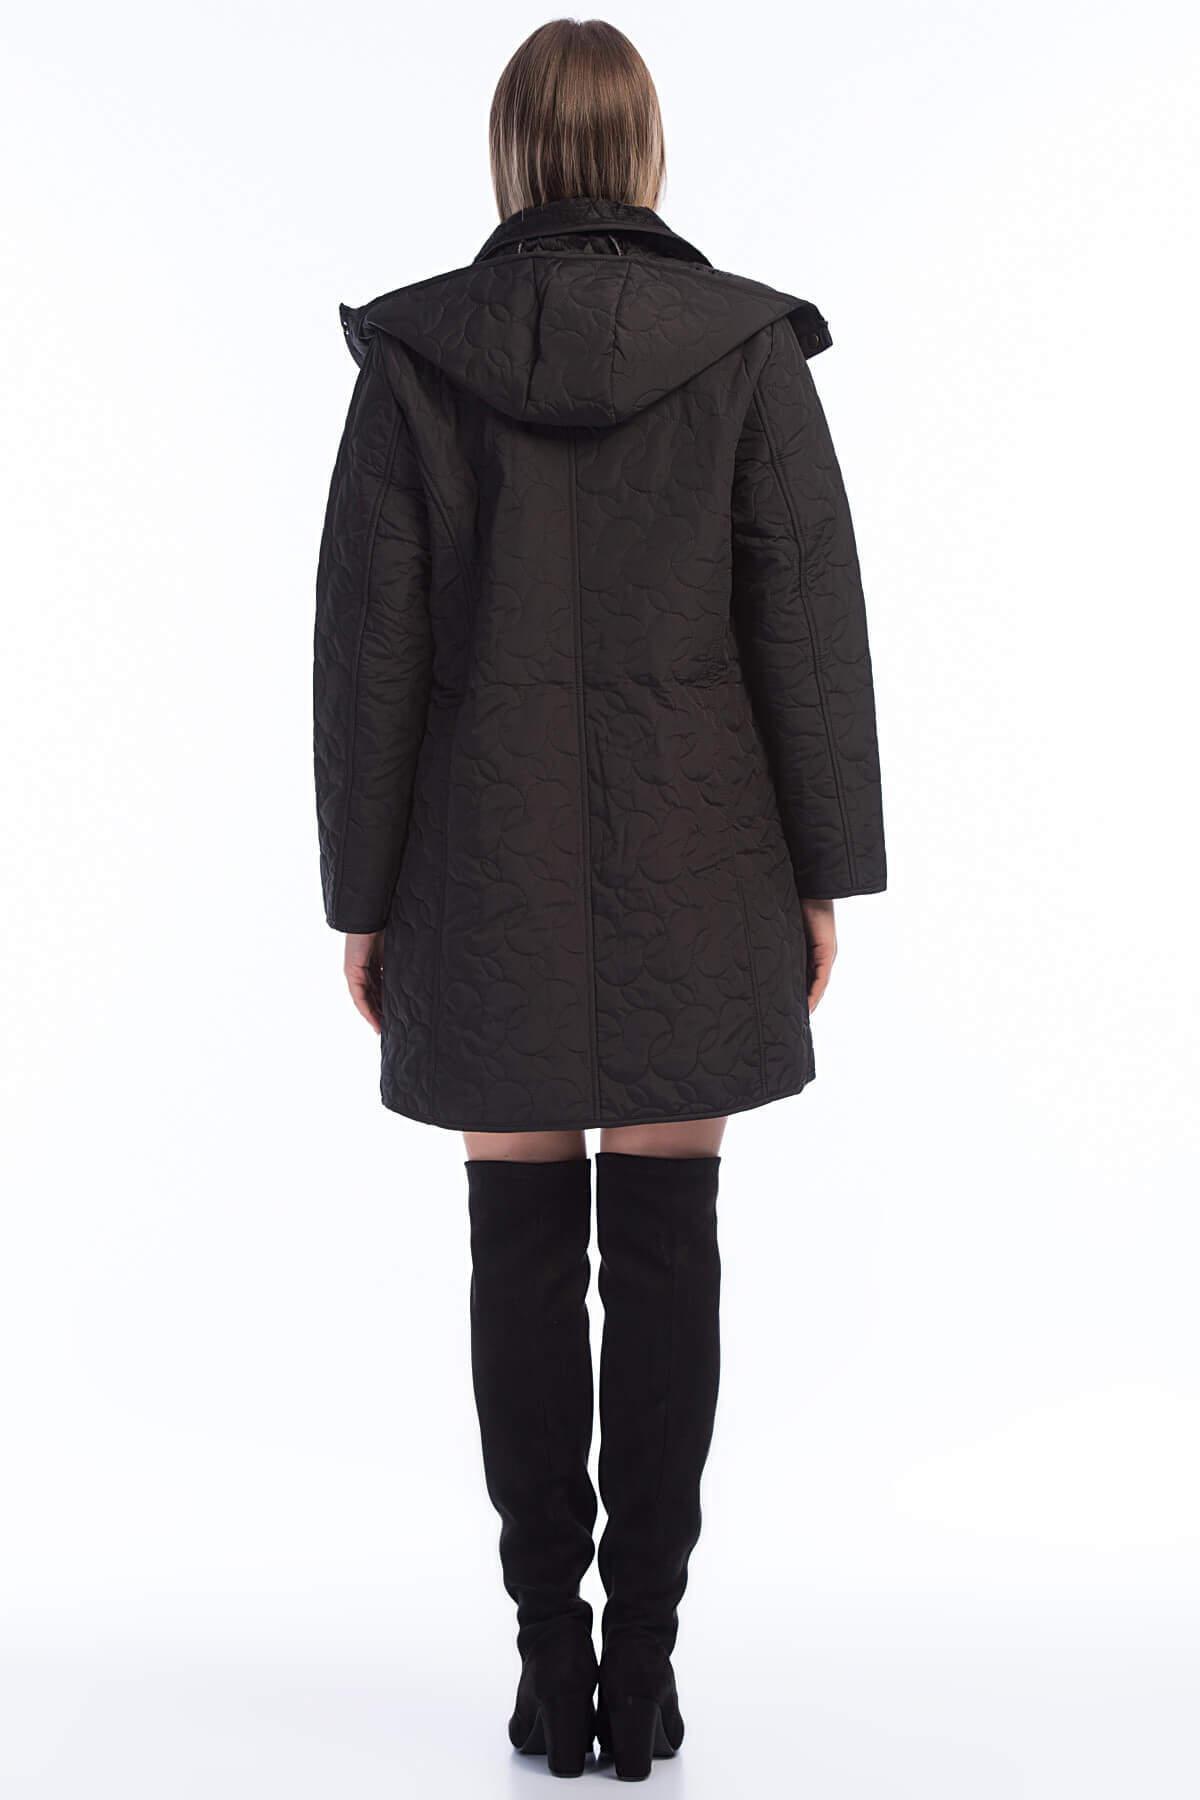 Kadın Büyük Beden İçi Peluş Kürklü Kapşonlu Mont MD1323 Siyah